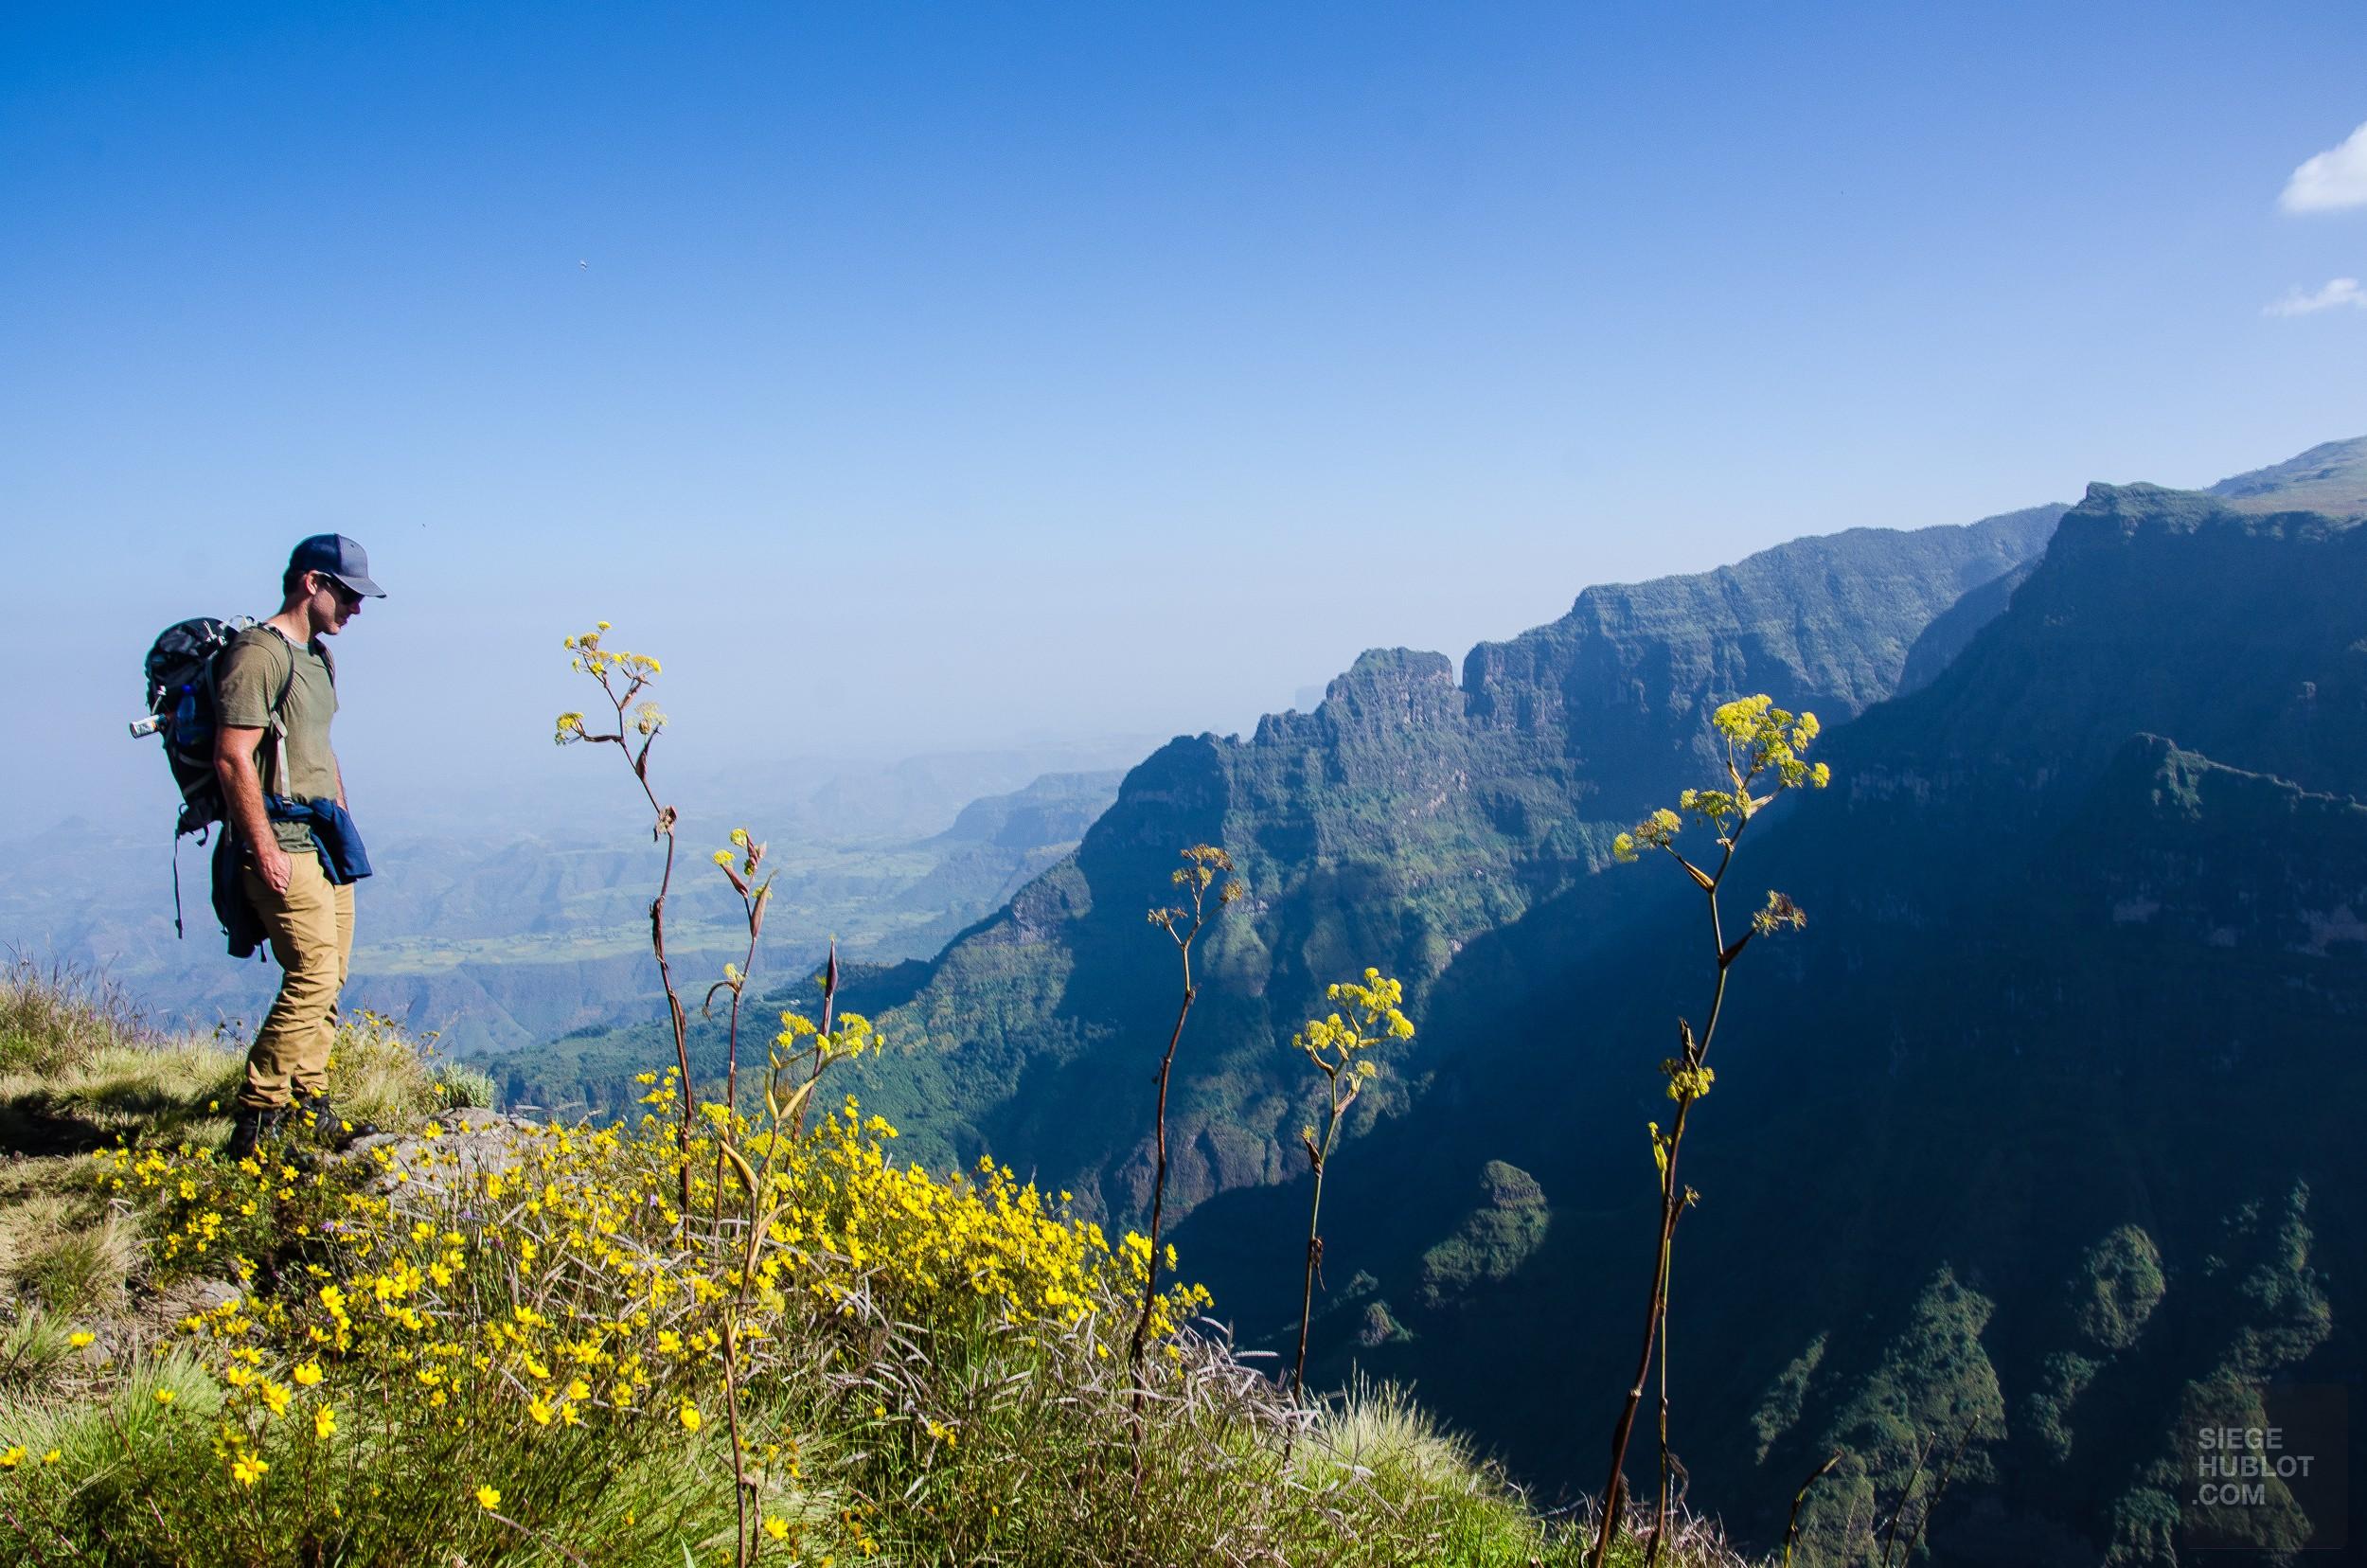 montagne flanc - des babouins dans les nuages monts simien ethiopie - Des babouins dans les nuages Monts Simien Ethiopie - afrique, ethiopie